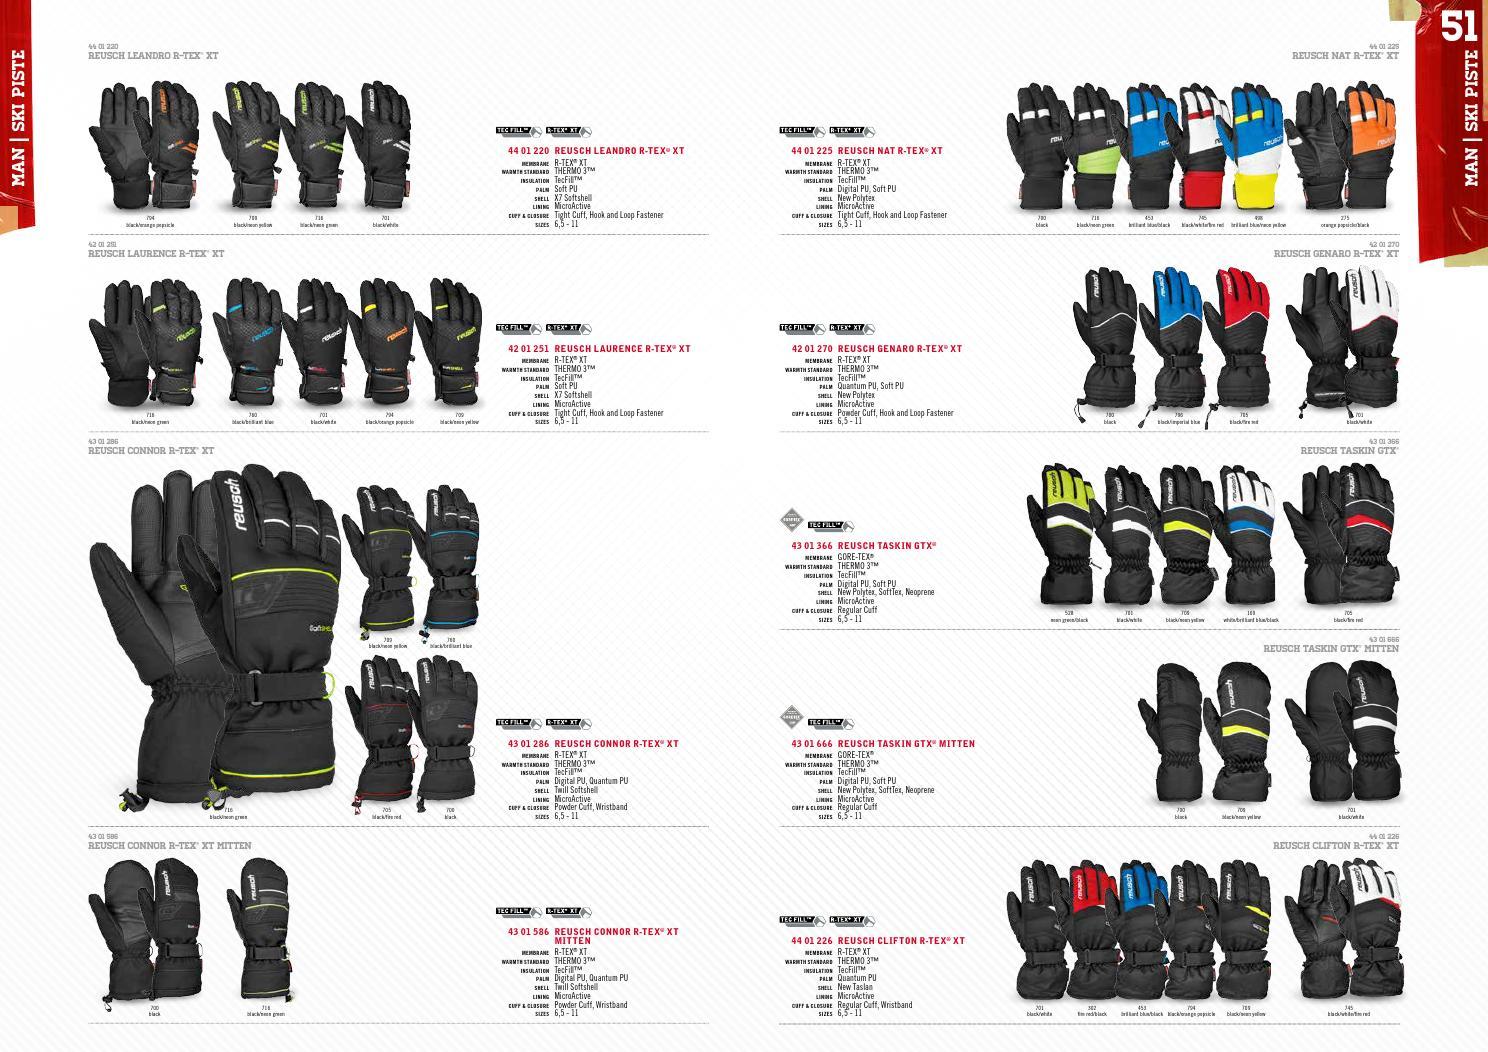 8eeed4355 Reusch Winter Catalogue 2014.15 by MountainBlogIT - issuu